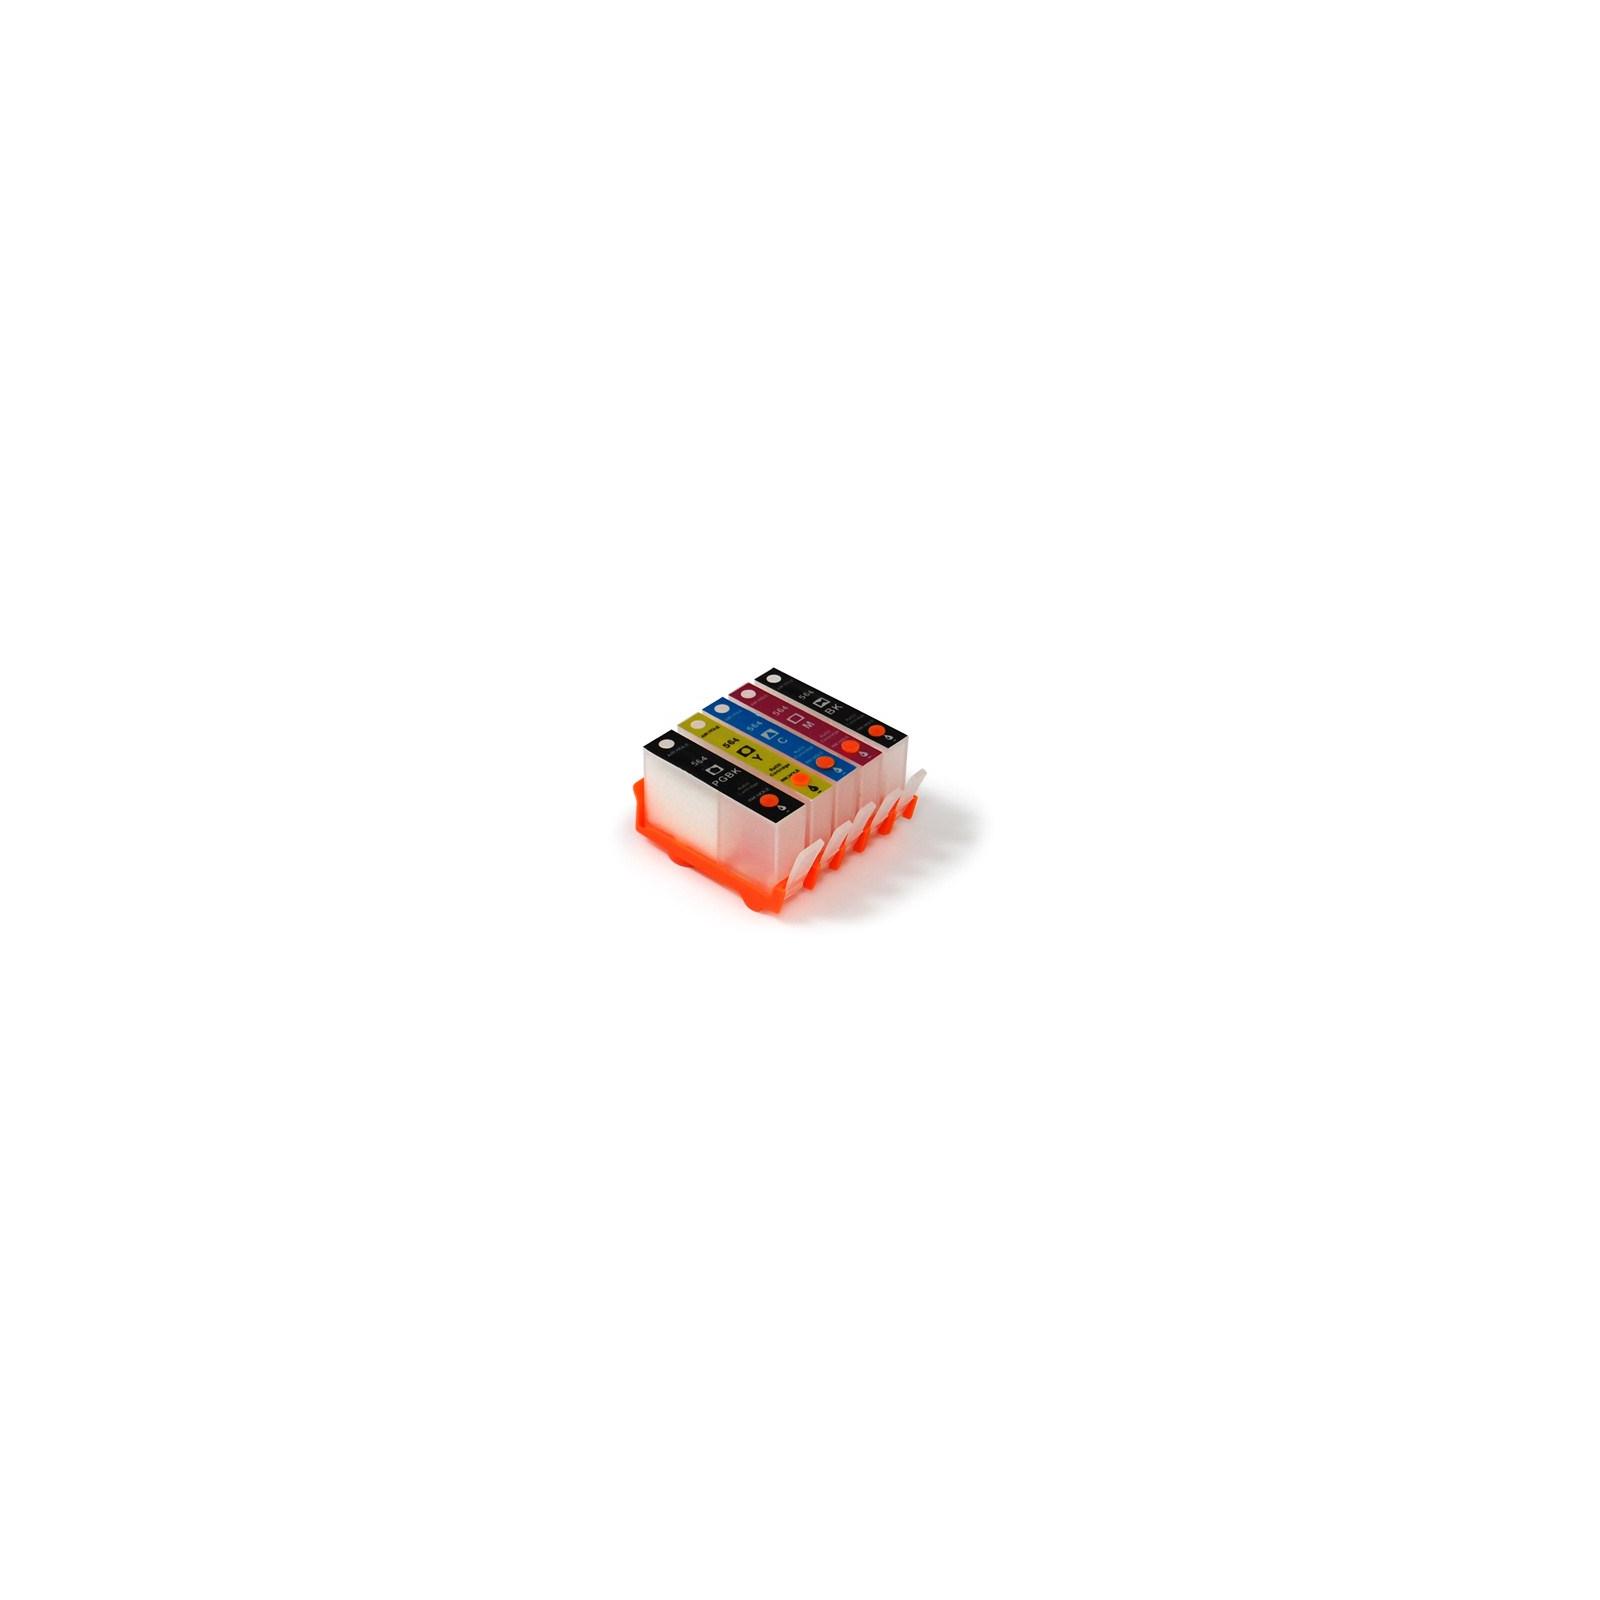 Комплект перезаправляемых картриджей SuperPrint HP PhotoSmart C5383/D5463 (DZK5-HP178)